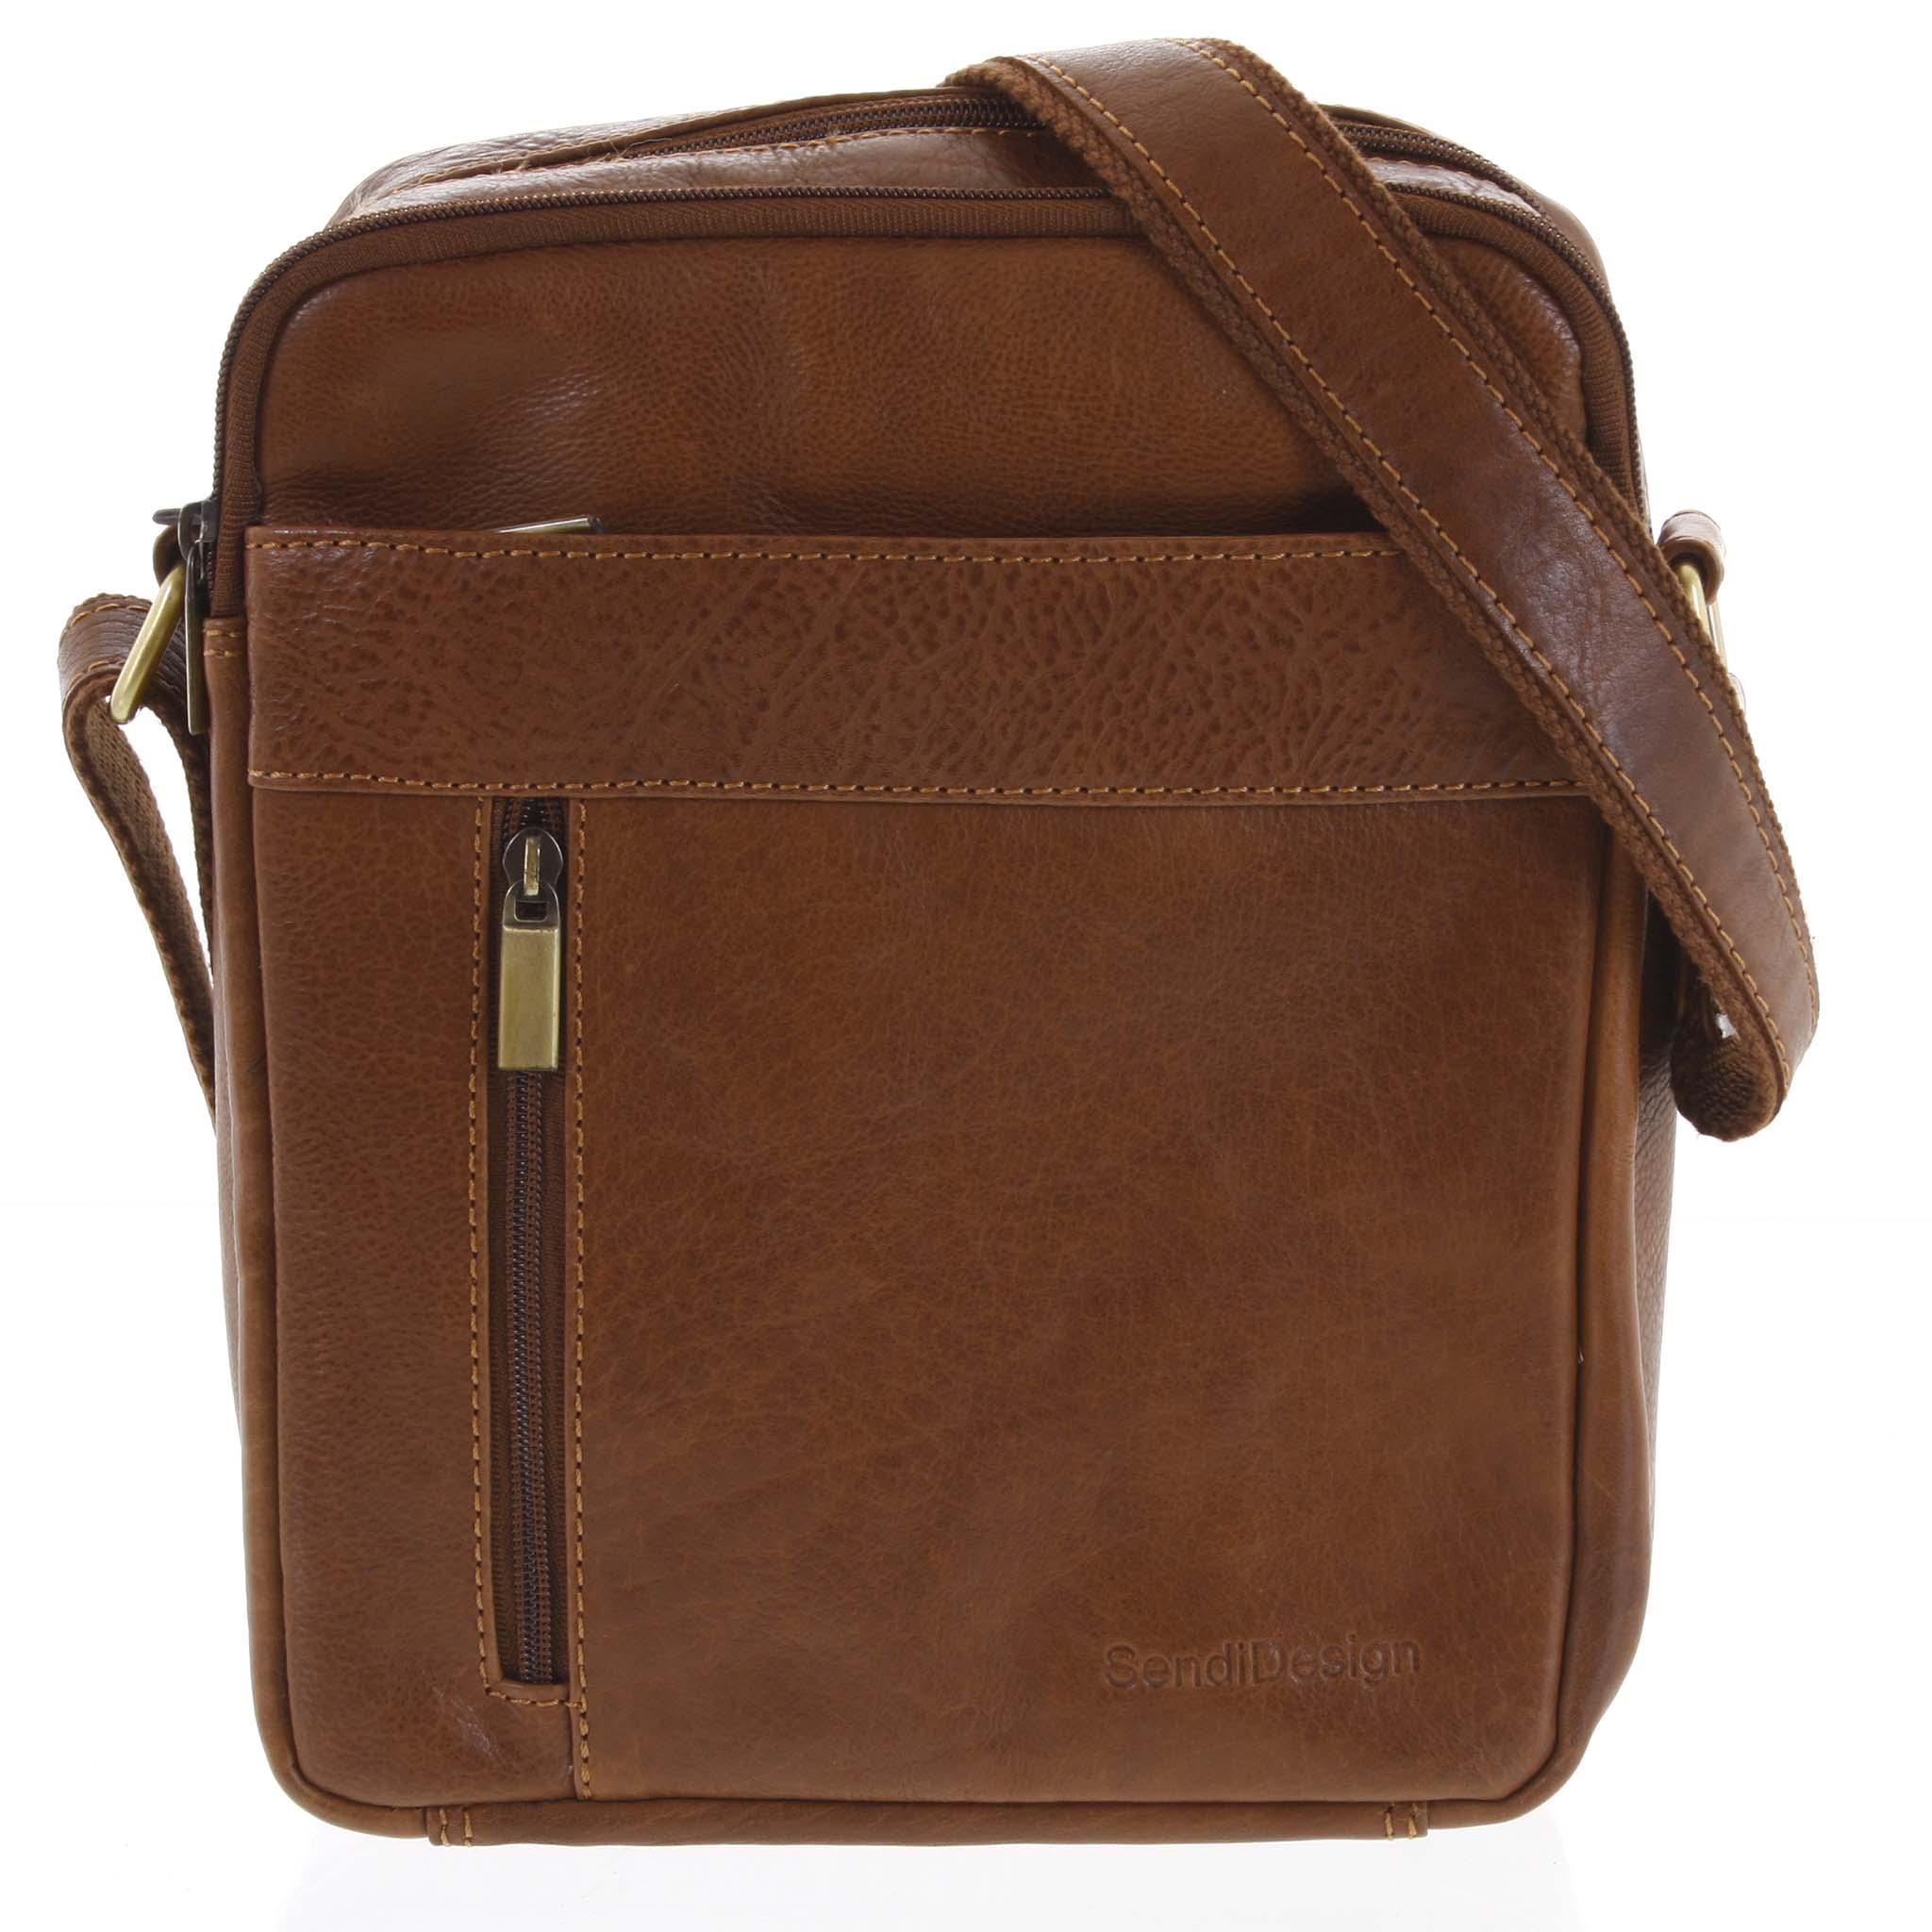 Pánská kožená taška přes rameno hnědá - SendiDesign Lennon